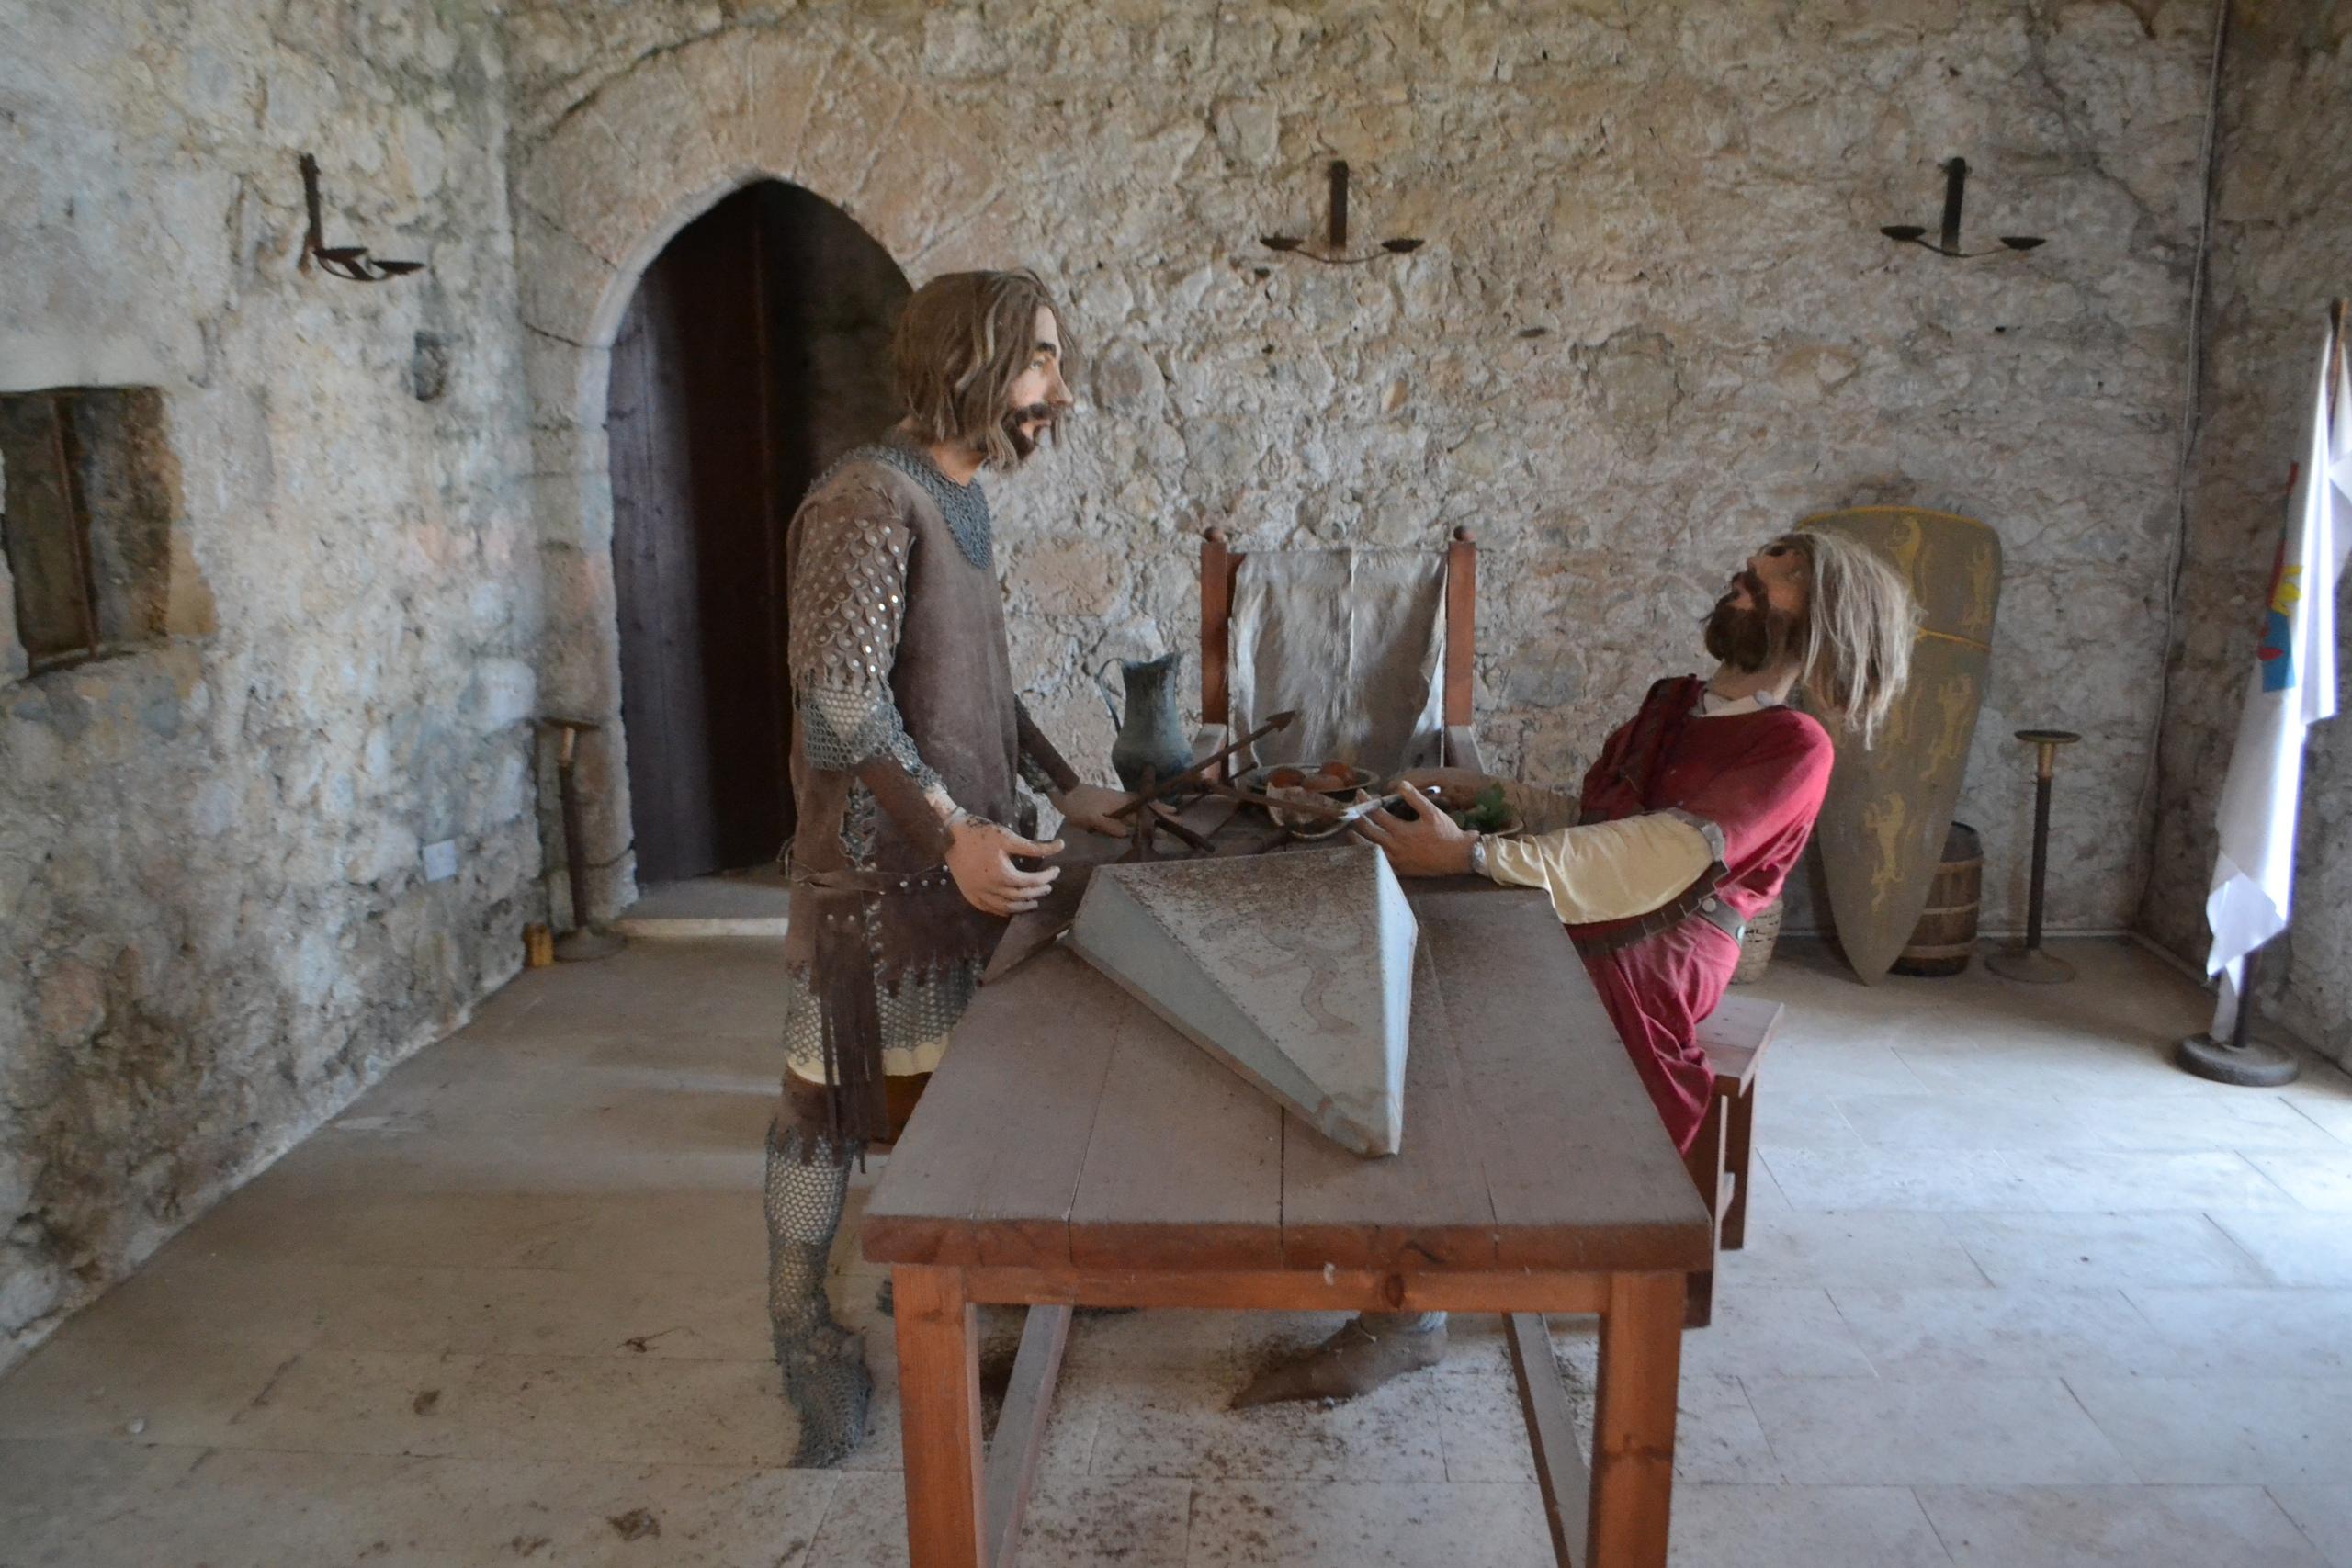 Северный Кипр. Замок Святого Иллариона. (фото). - Страница 2 9upGbjlv_kE